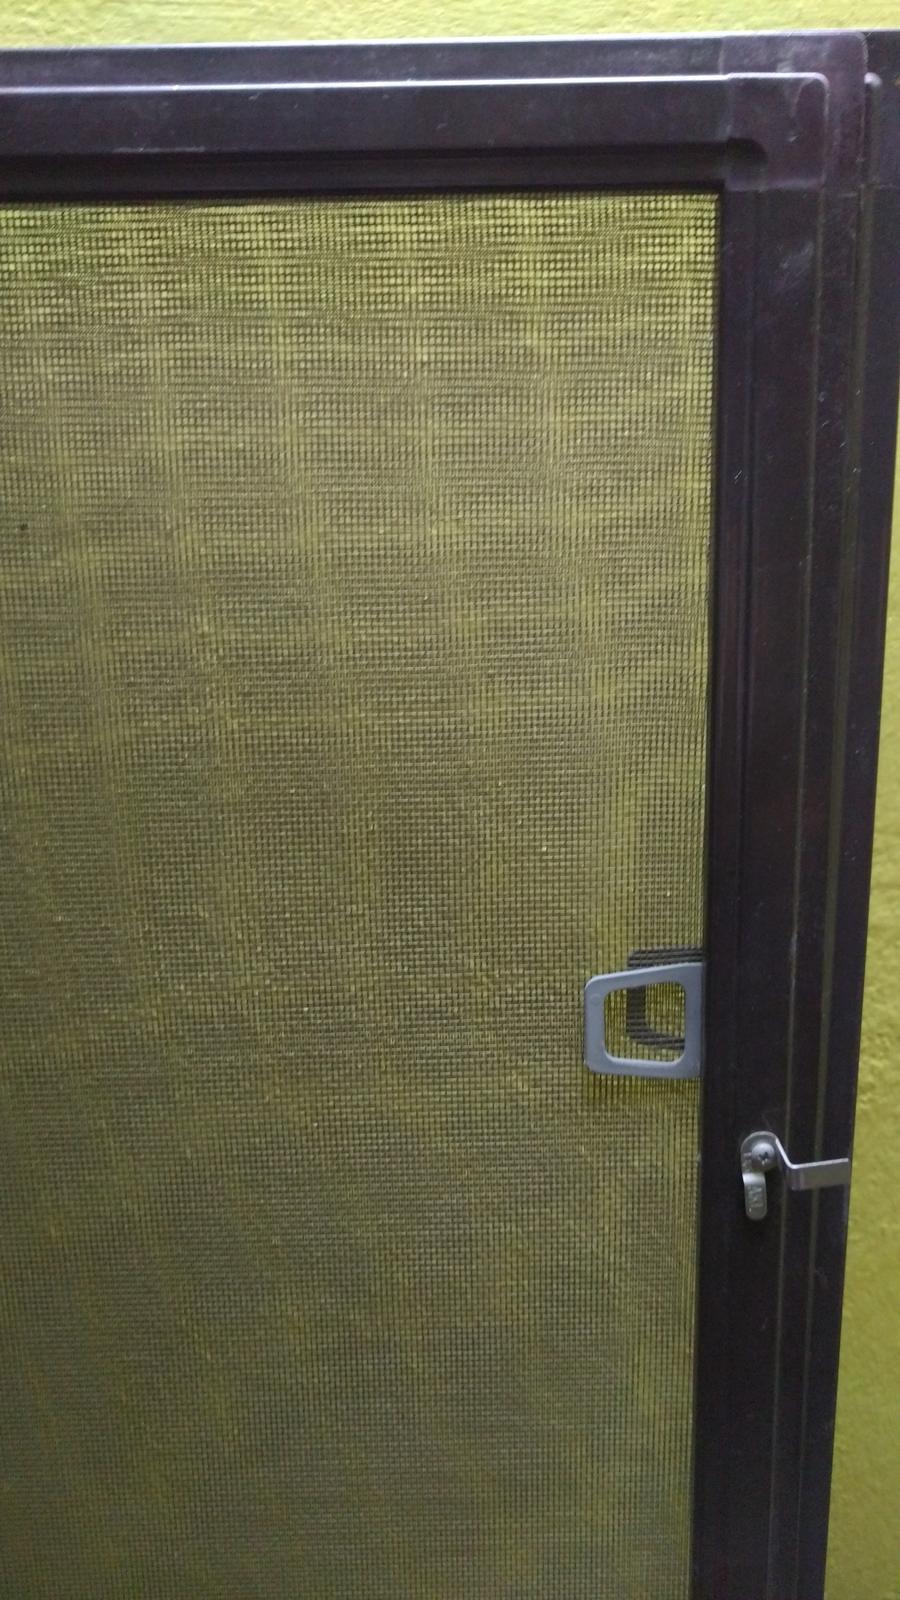 Sieťky na okná,dvere proti hmyzu - Obrázok č. 1